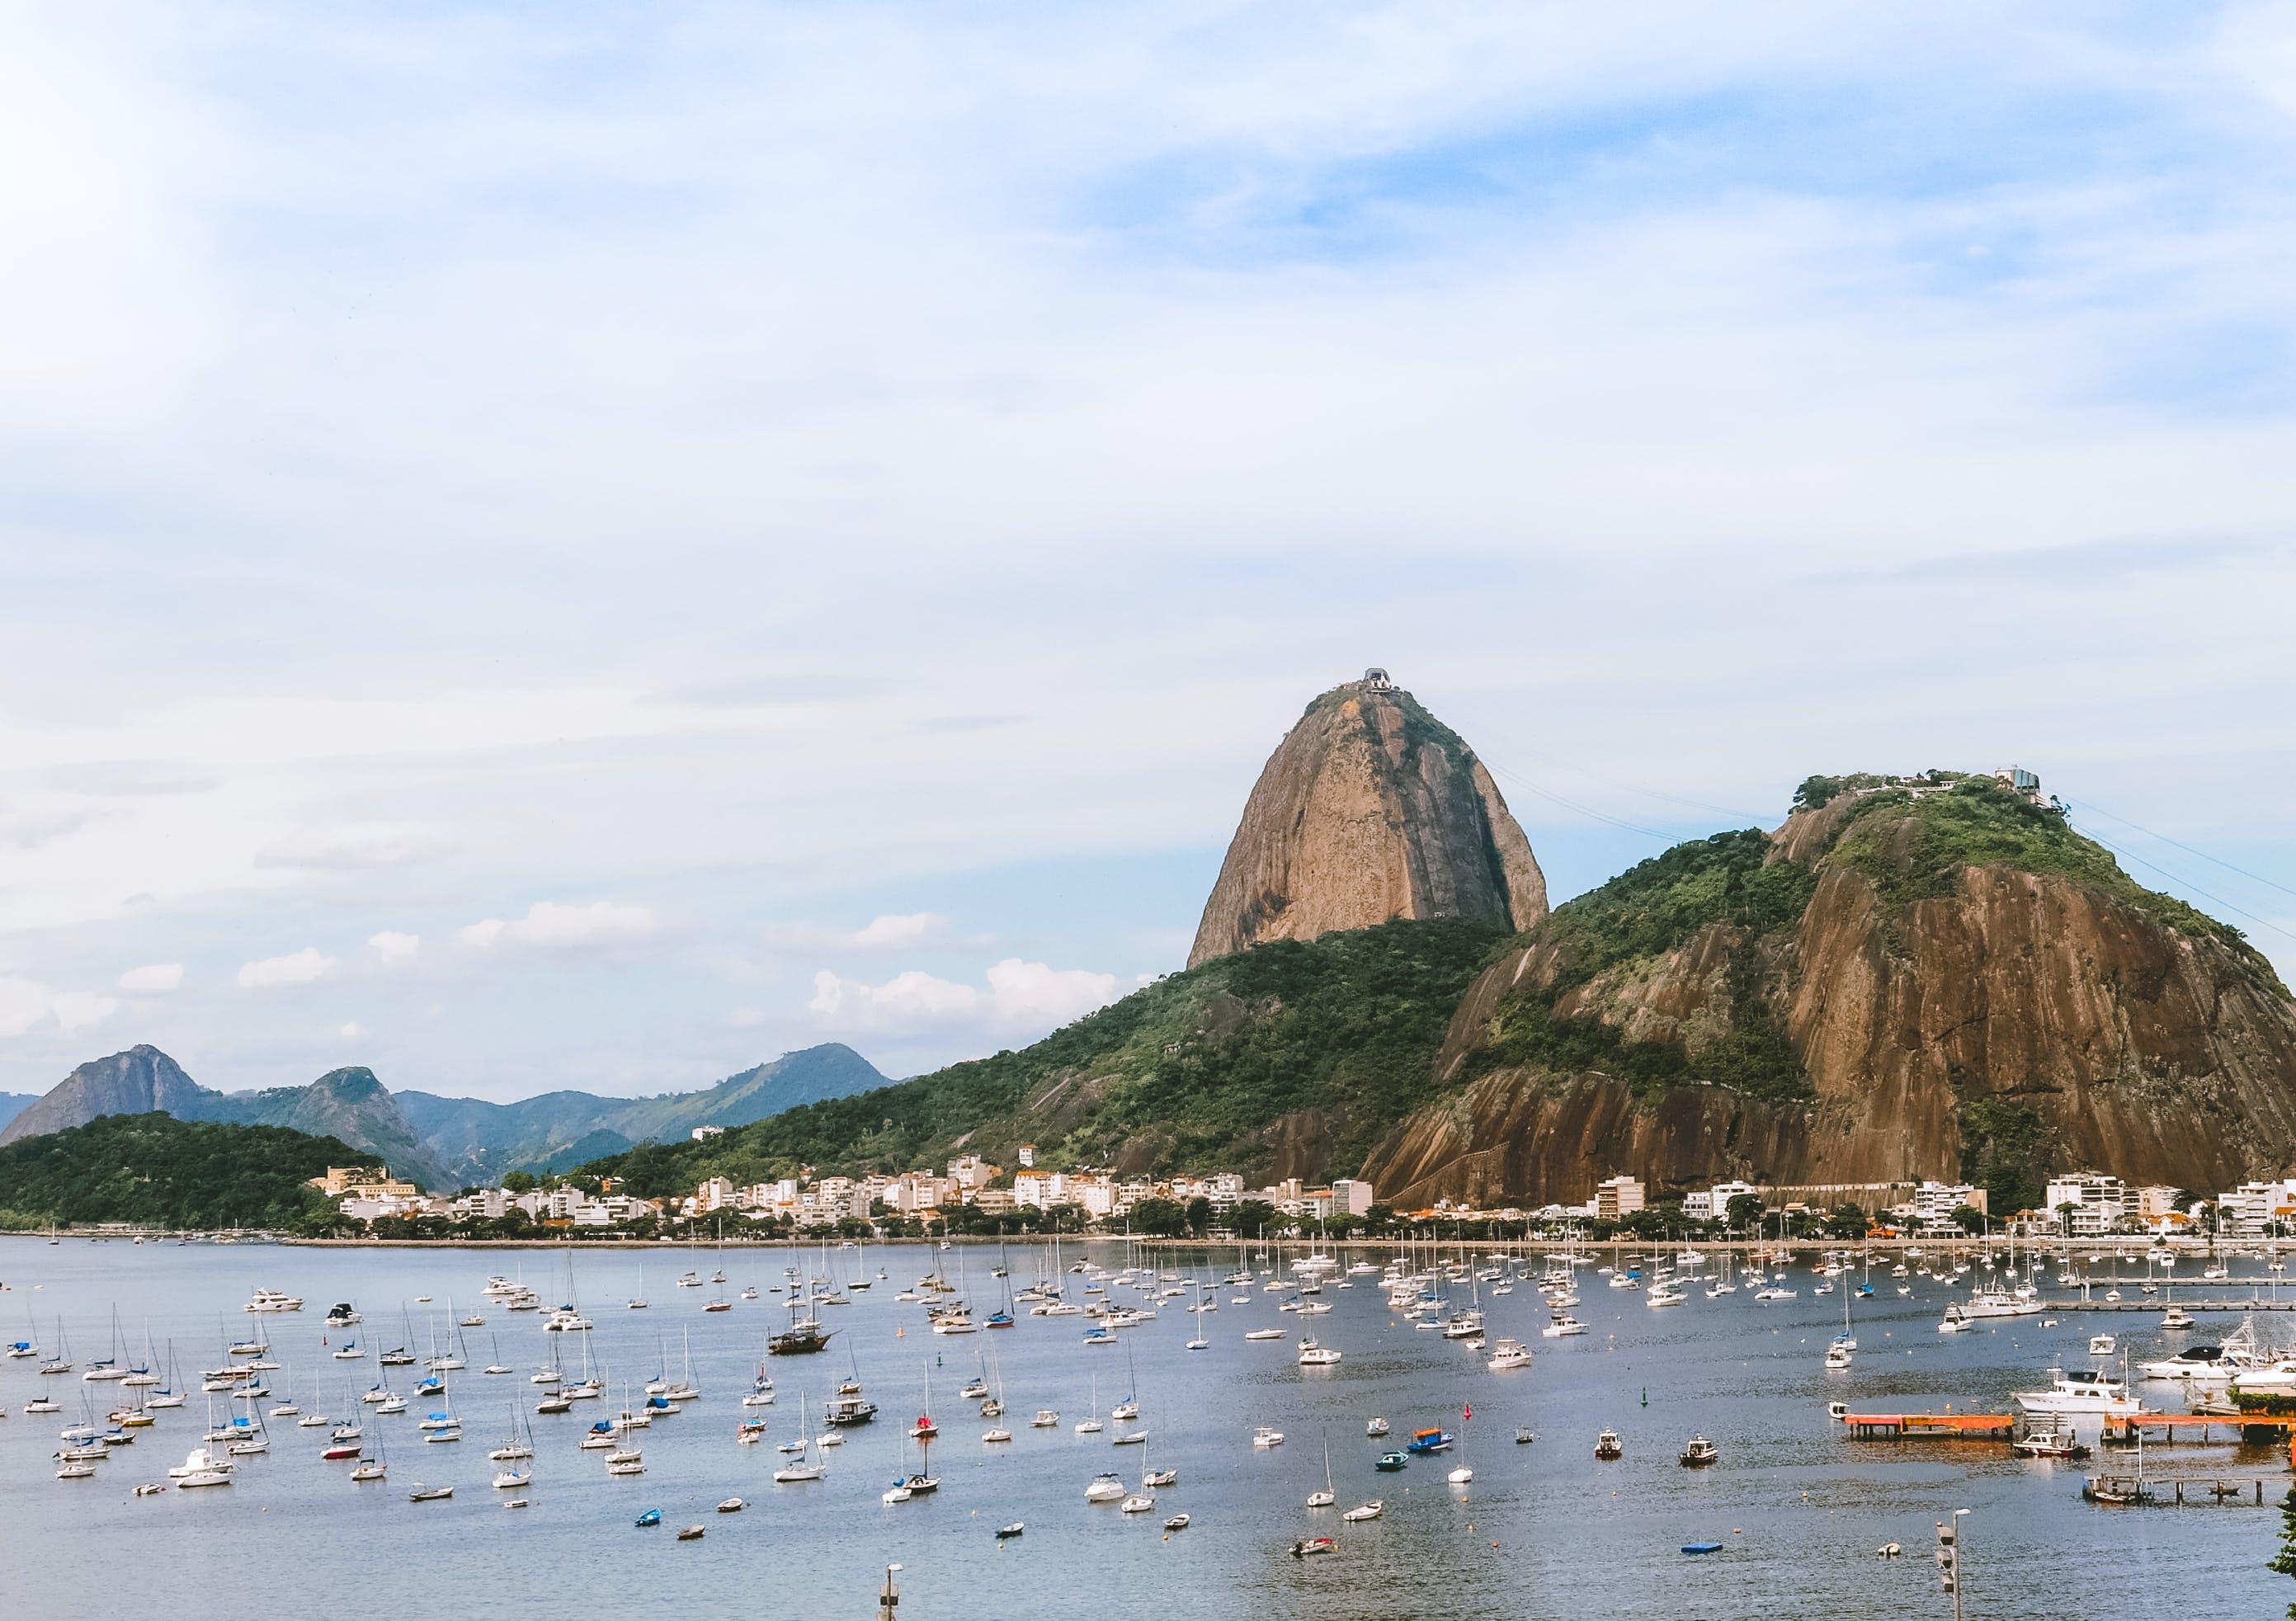 brazílie, denní světlo, dovolená